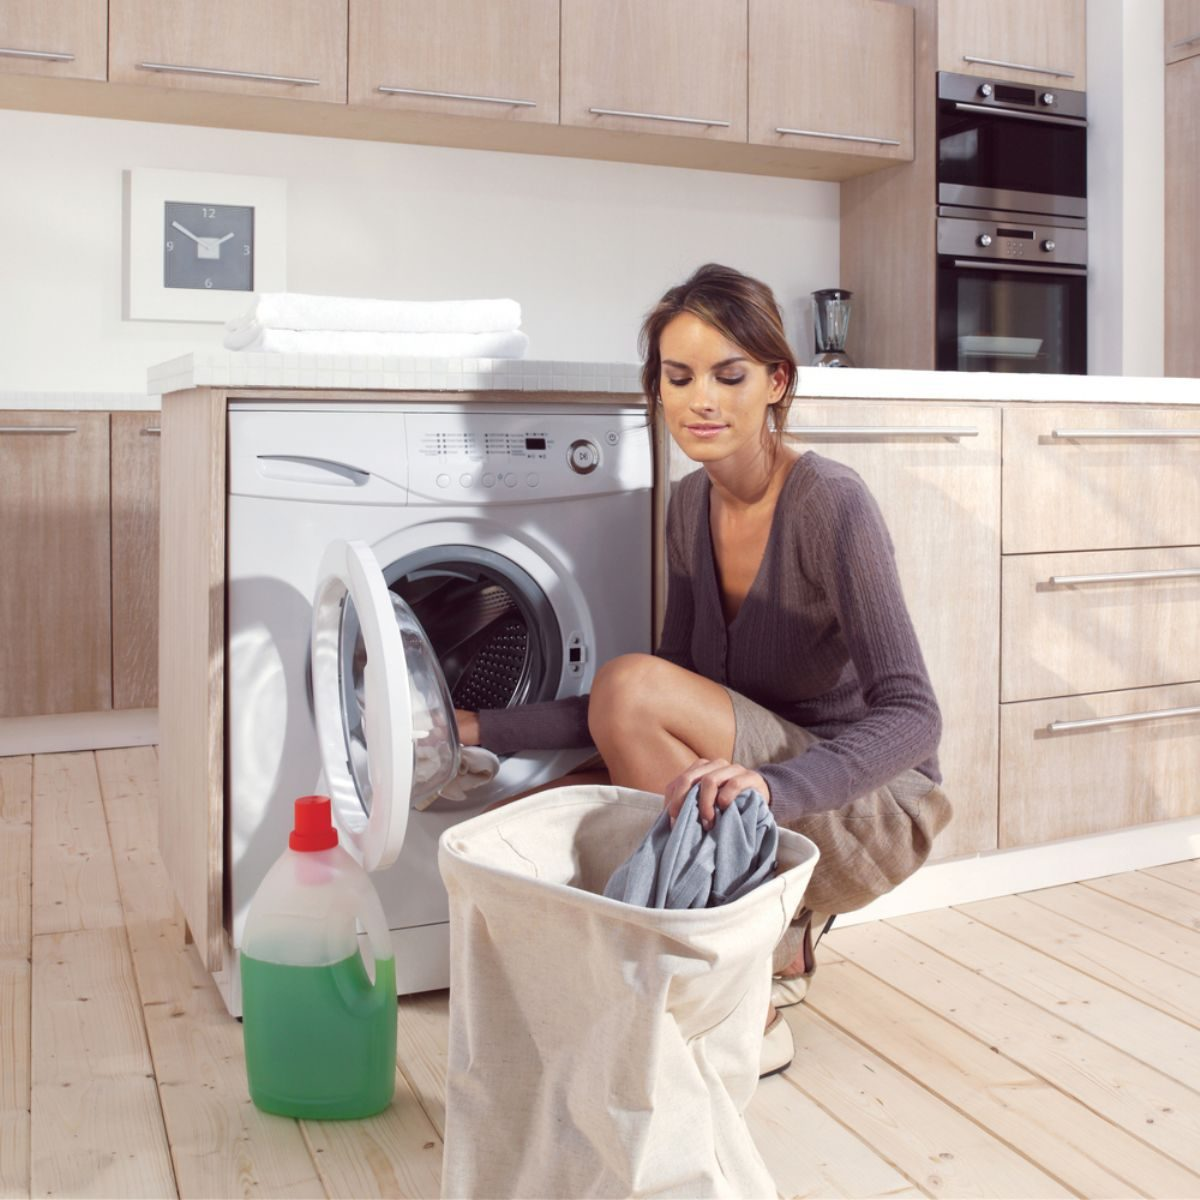 Rüyada Çamaşır suyu görmek